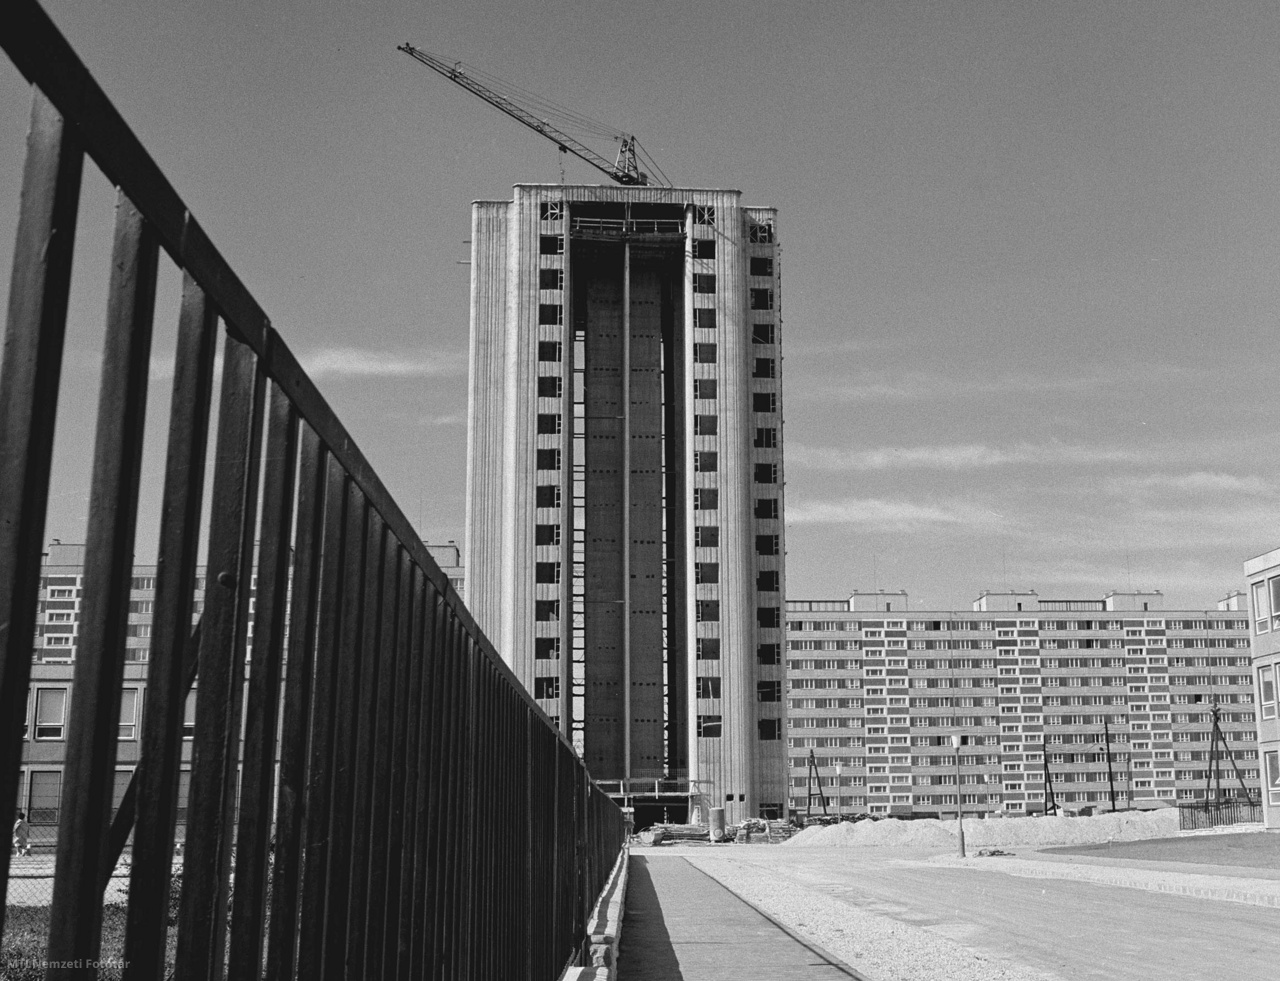 Az ÉVM (Építésügyi és Városfejlesztési Minisztérium)  43-as Állami Építőipari Vállalata az egyes számú budapesti házépítő kombinát termékeiből Kelenföldön építi az első lakótelepet. Eddig 1860 lakást adtak át rendeltetésének, az év végéig további 596 lakásba költözhetnek be a lakók. Az első toronyépület jól bontja meg a házgyári épületek sorát.